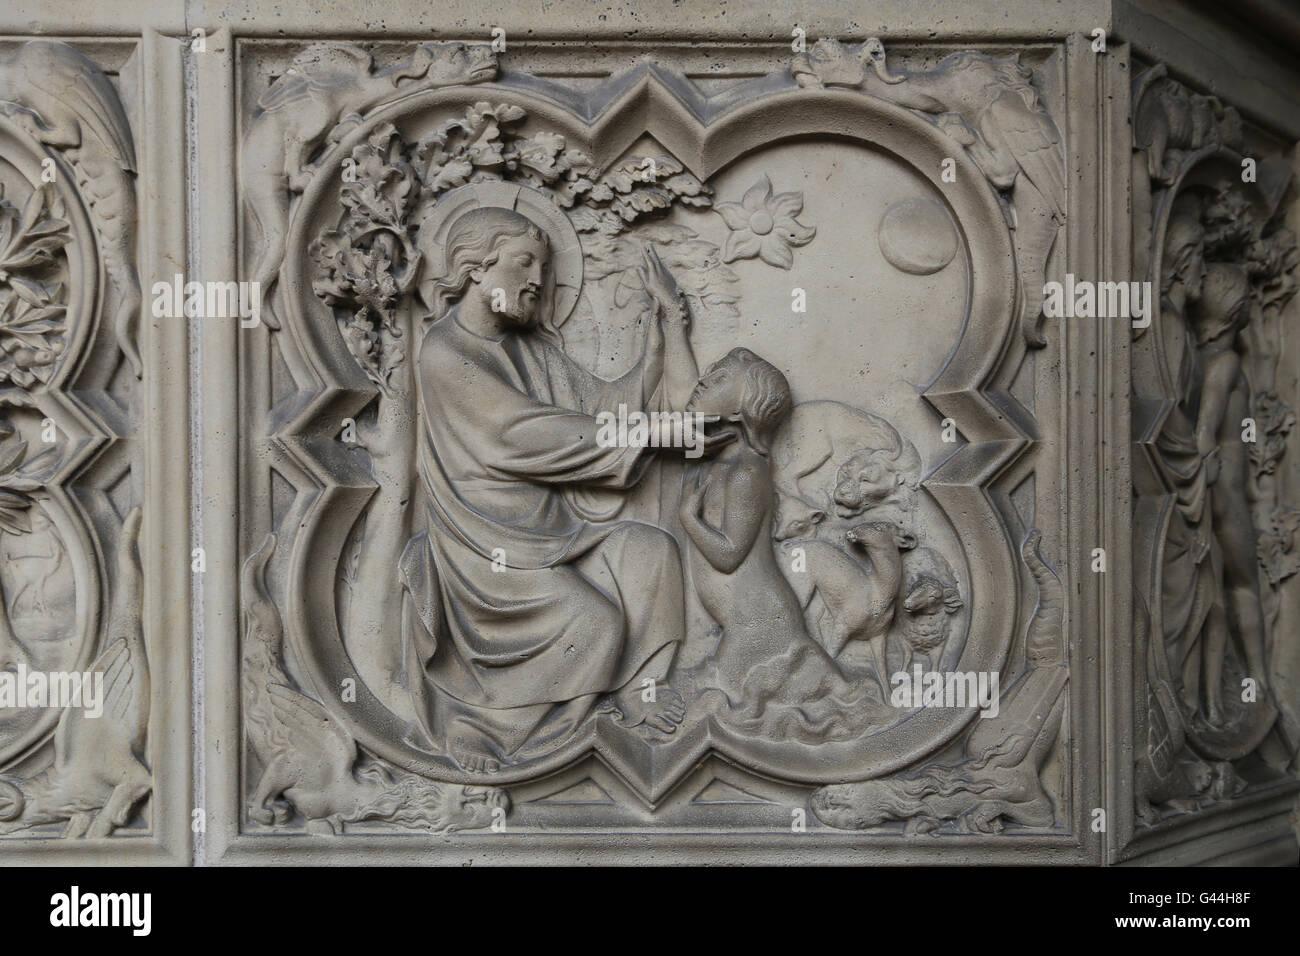 Création d'Adam. Le soulagement. La genèse. 13e c. La Sainte-Chapelle, Paris, France. Photo Stock